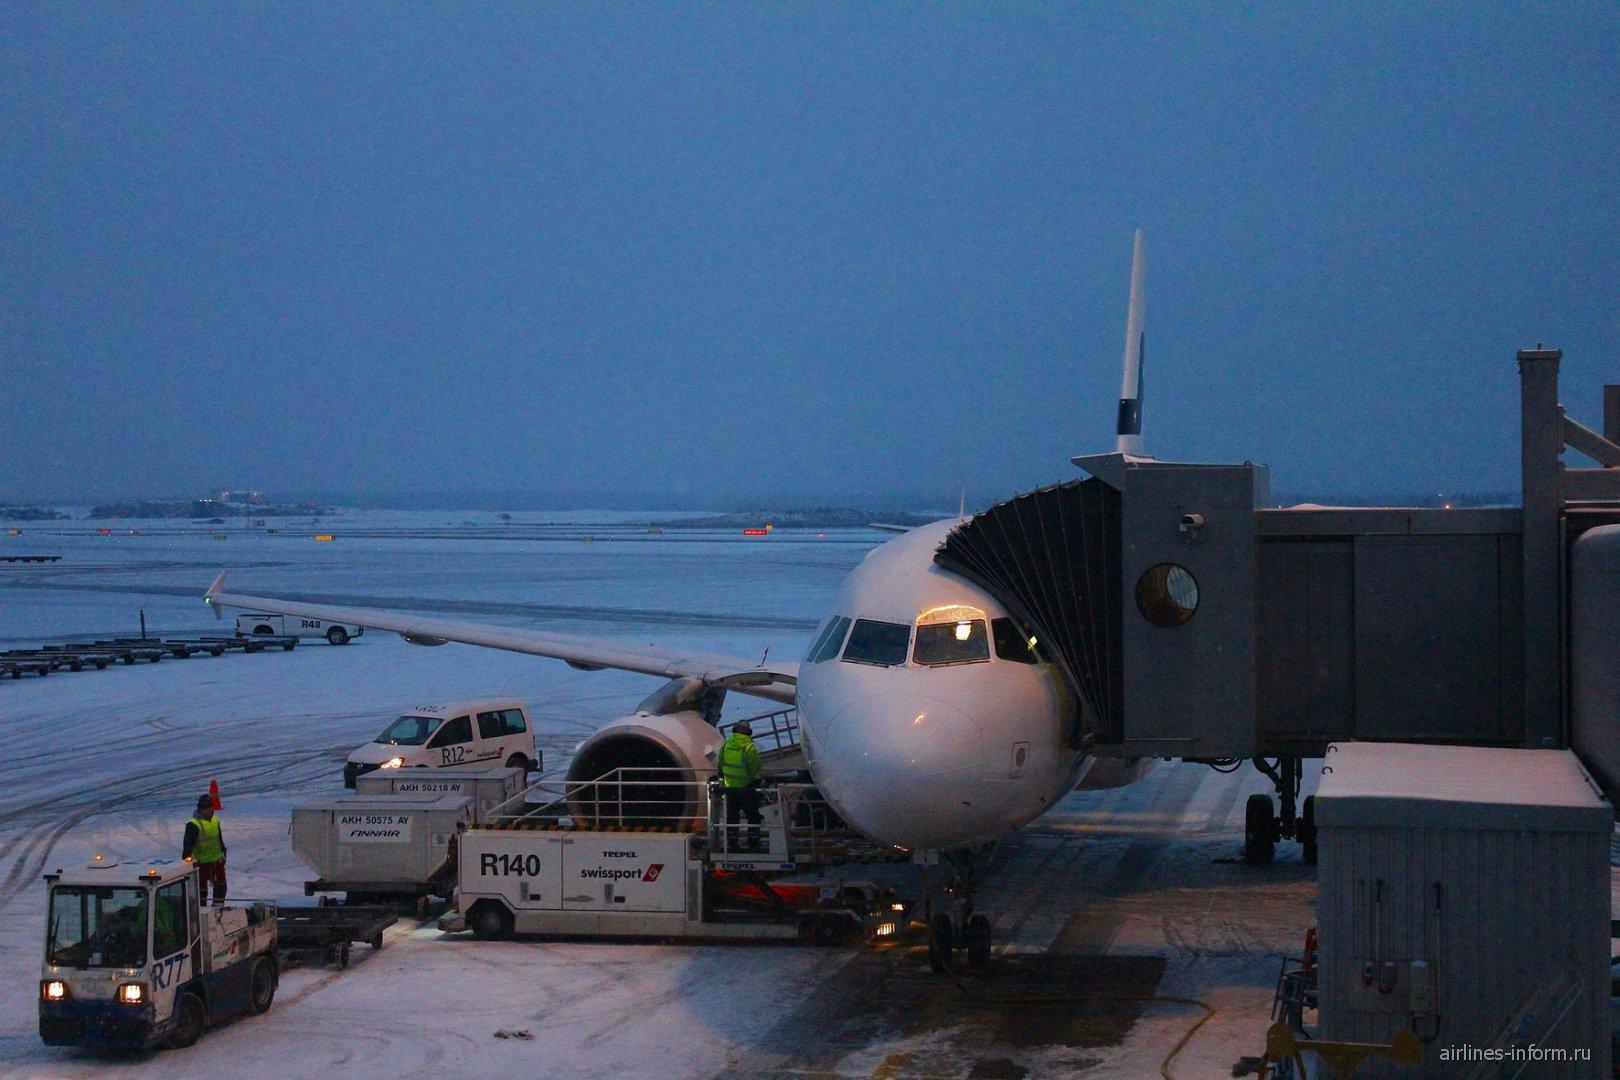 Новогоднее путешествие в Финляндию. Часть 4, Хельсинки(HEL)-Москва(SVO) с Finnair